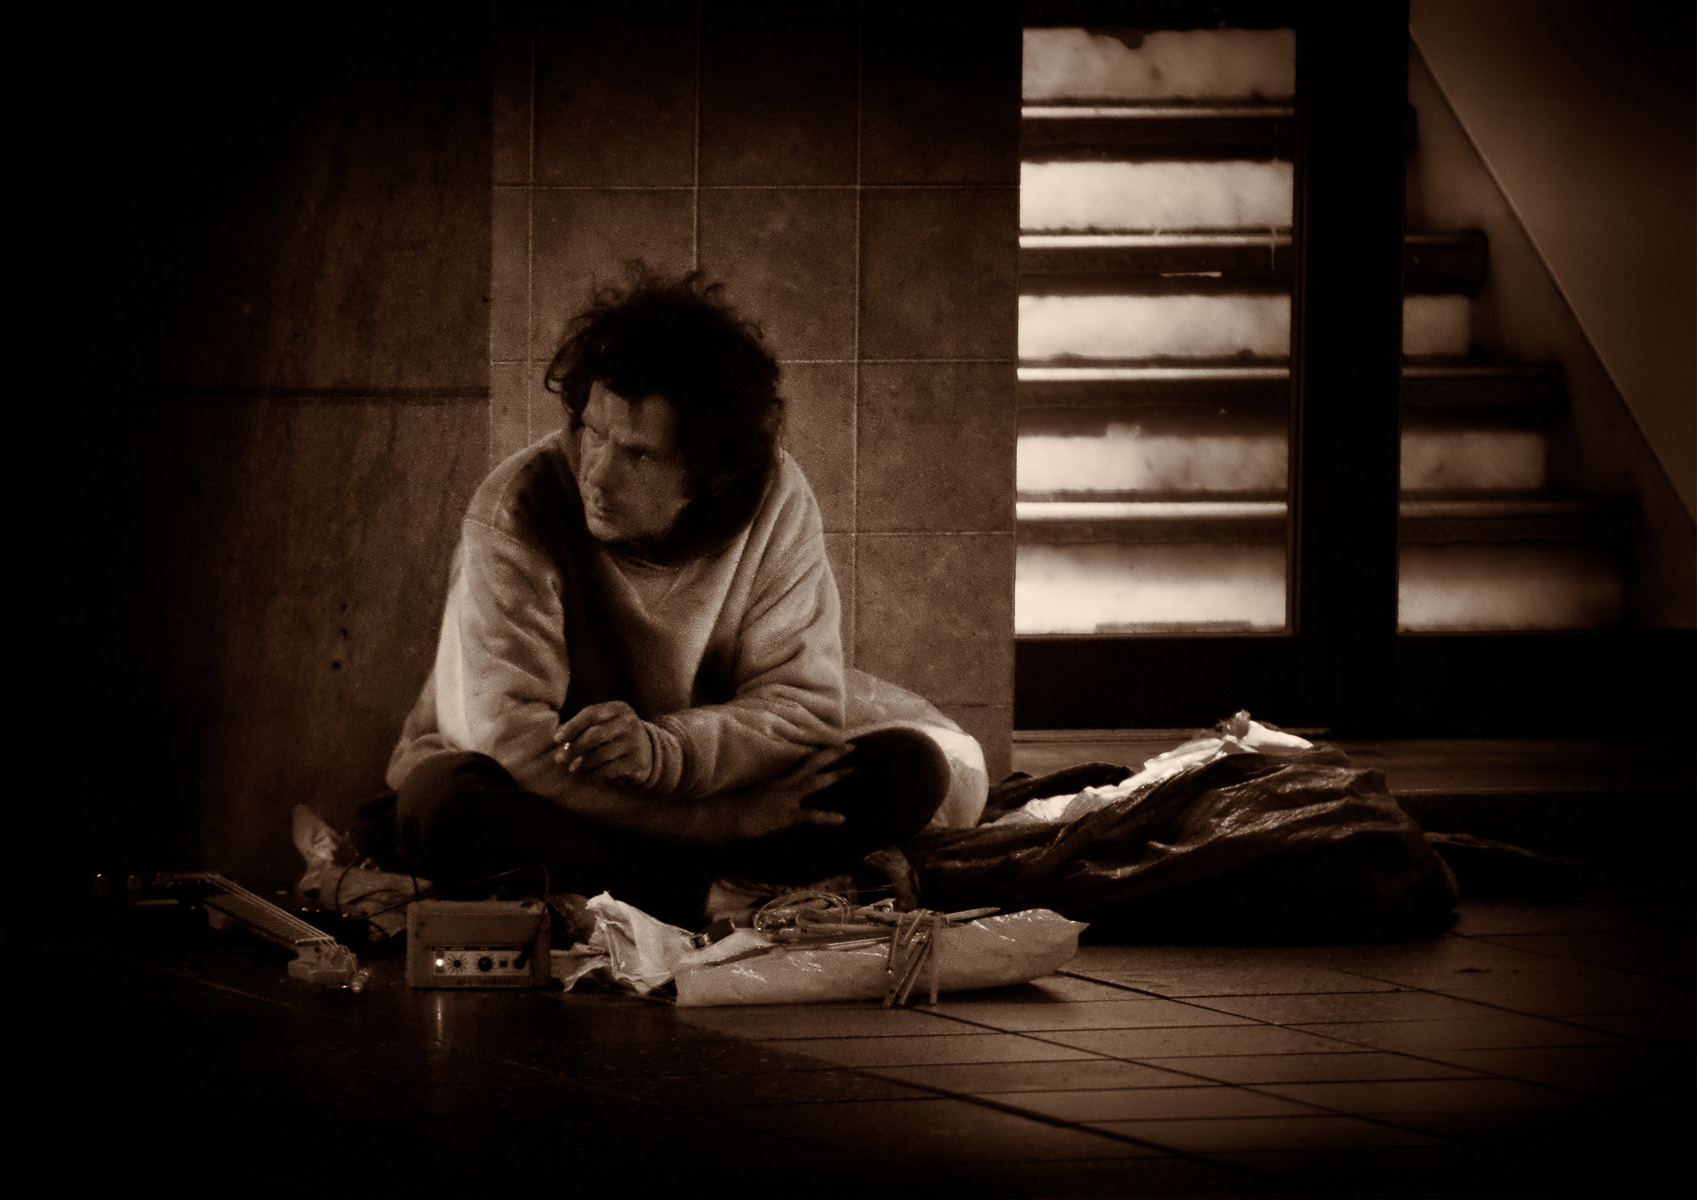 Homeless-107.jpg